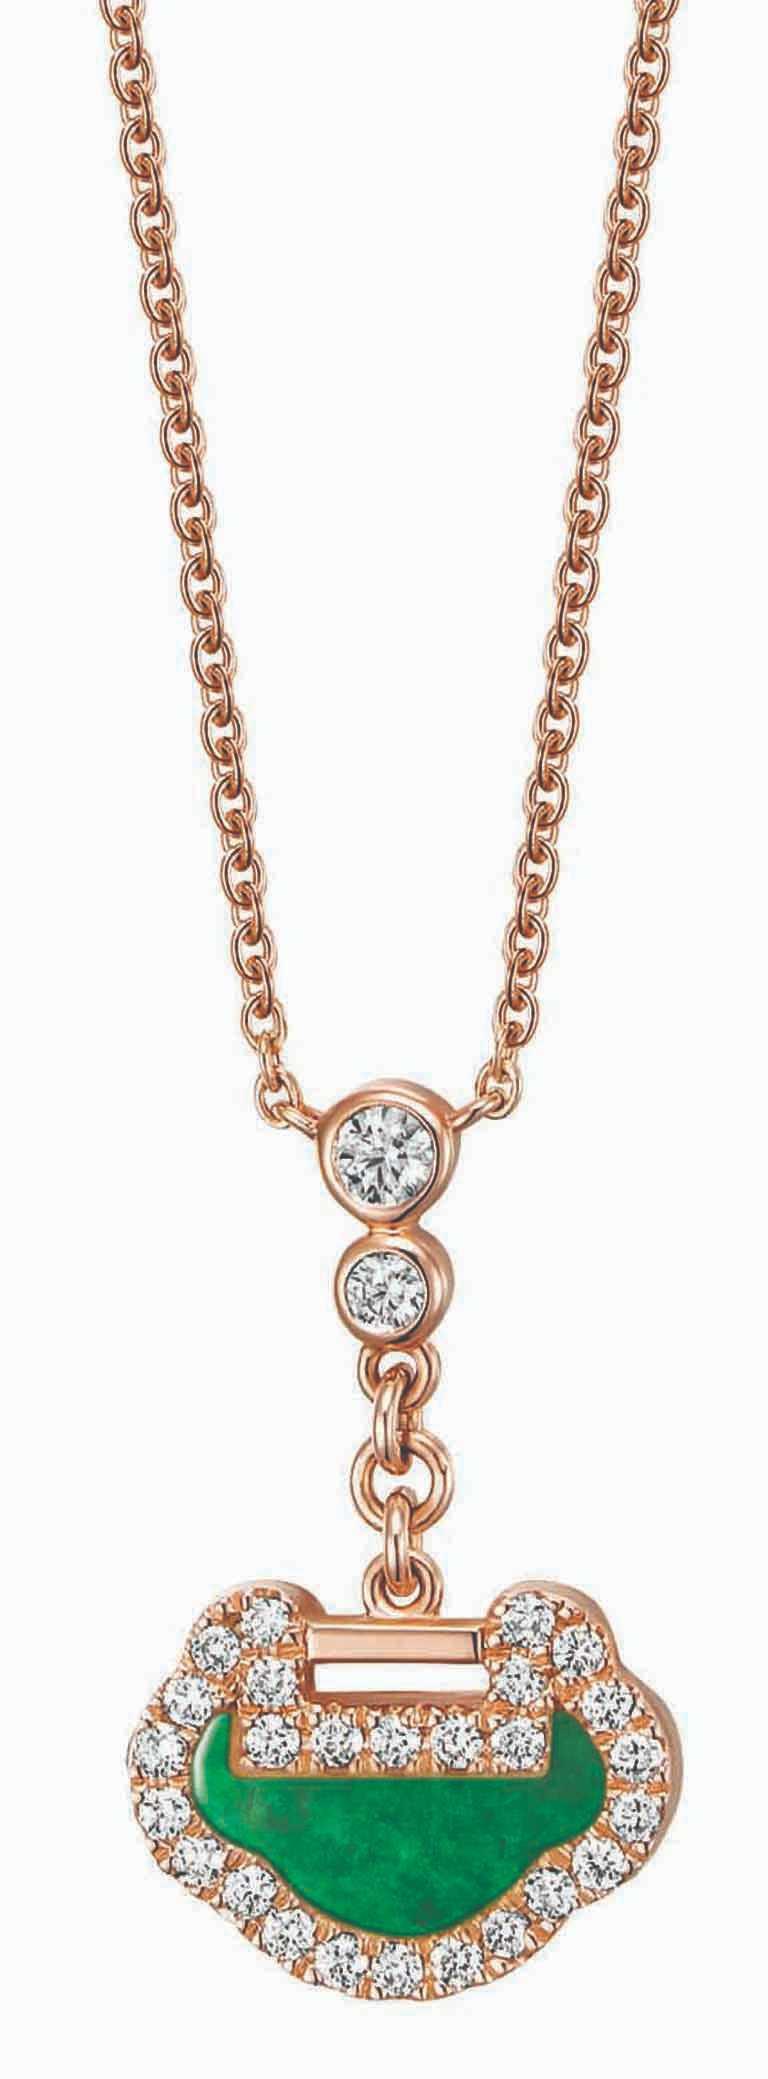 Qeelin「Petite Yu Yi」系列新品,18K玫瑰金翡翠鑲鑽項鍊╱62,500元。(圖╱Qeelin提供)